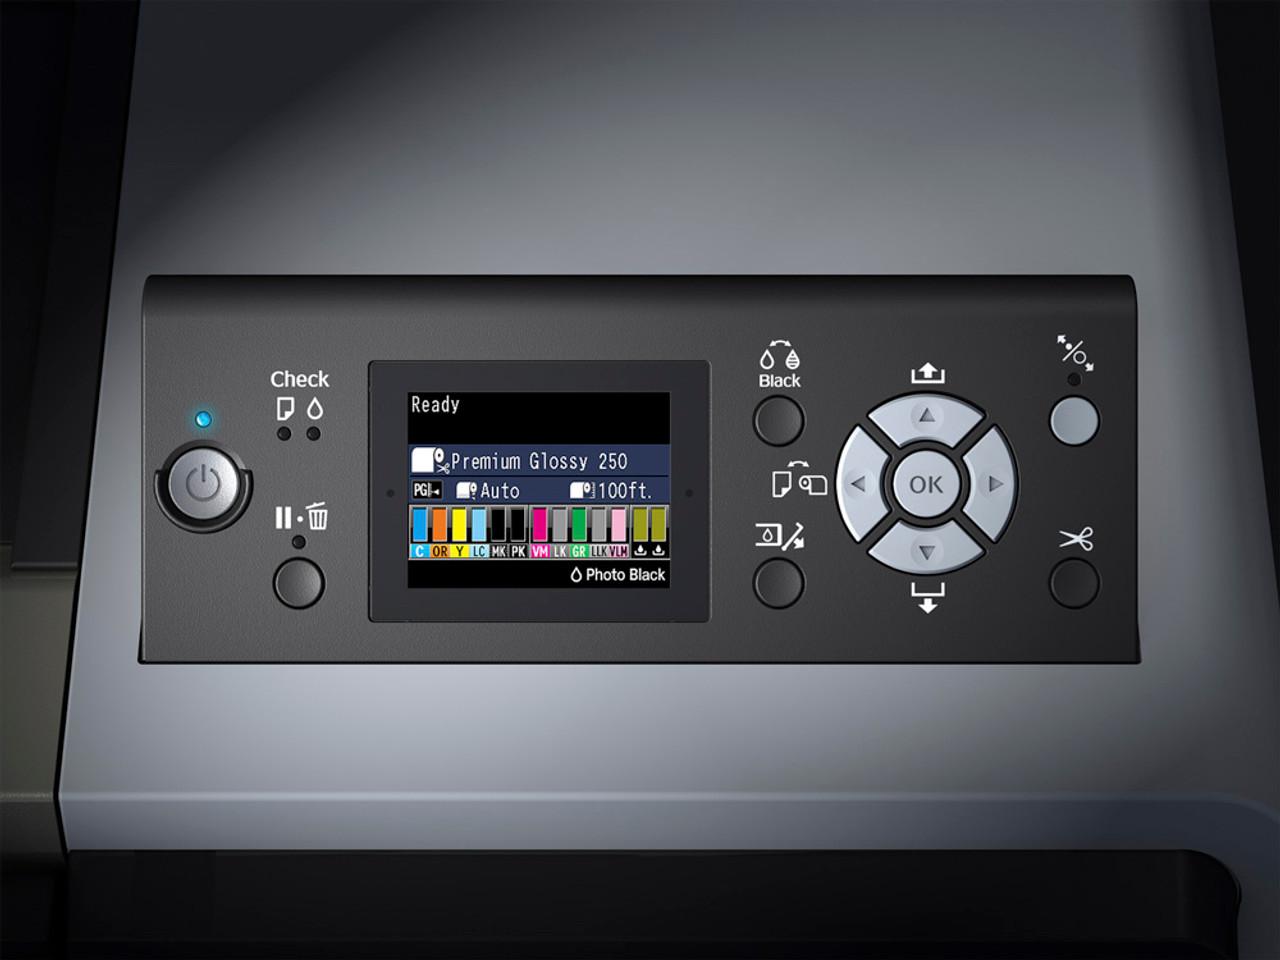 Epson SureColor P7000 Control Panel